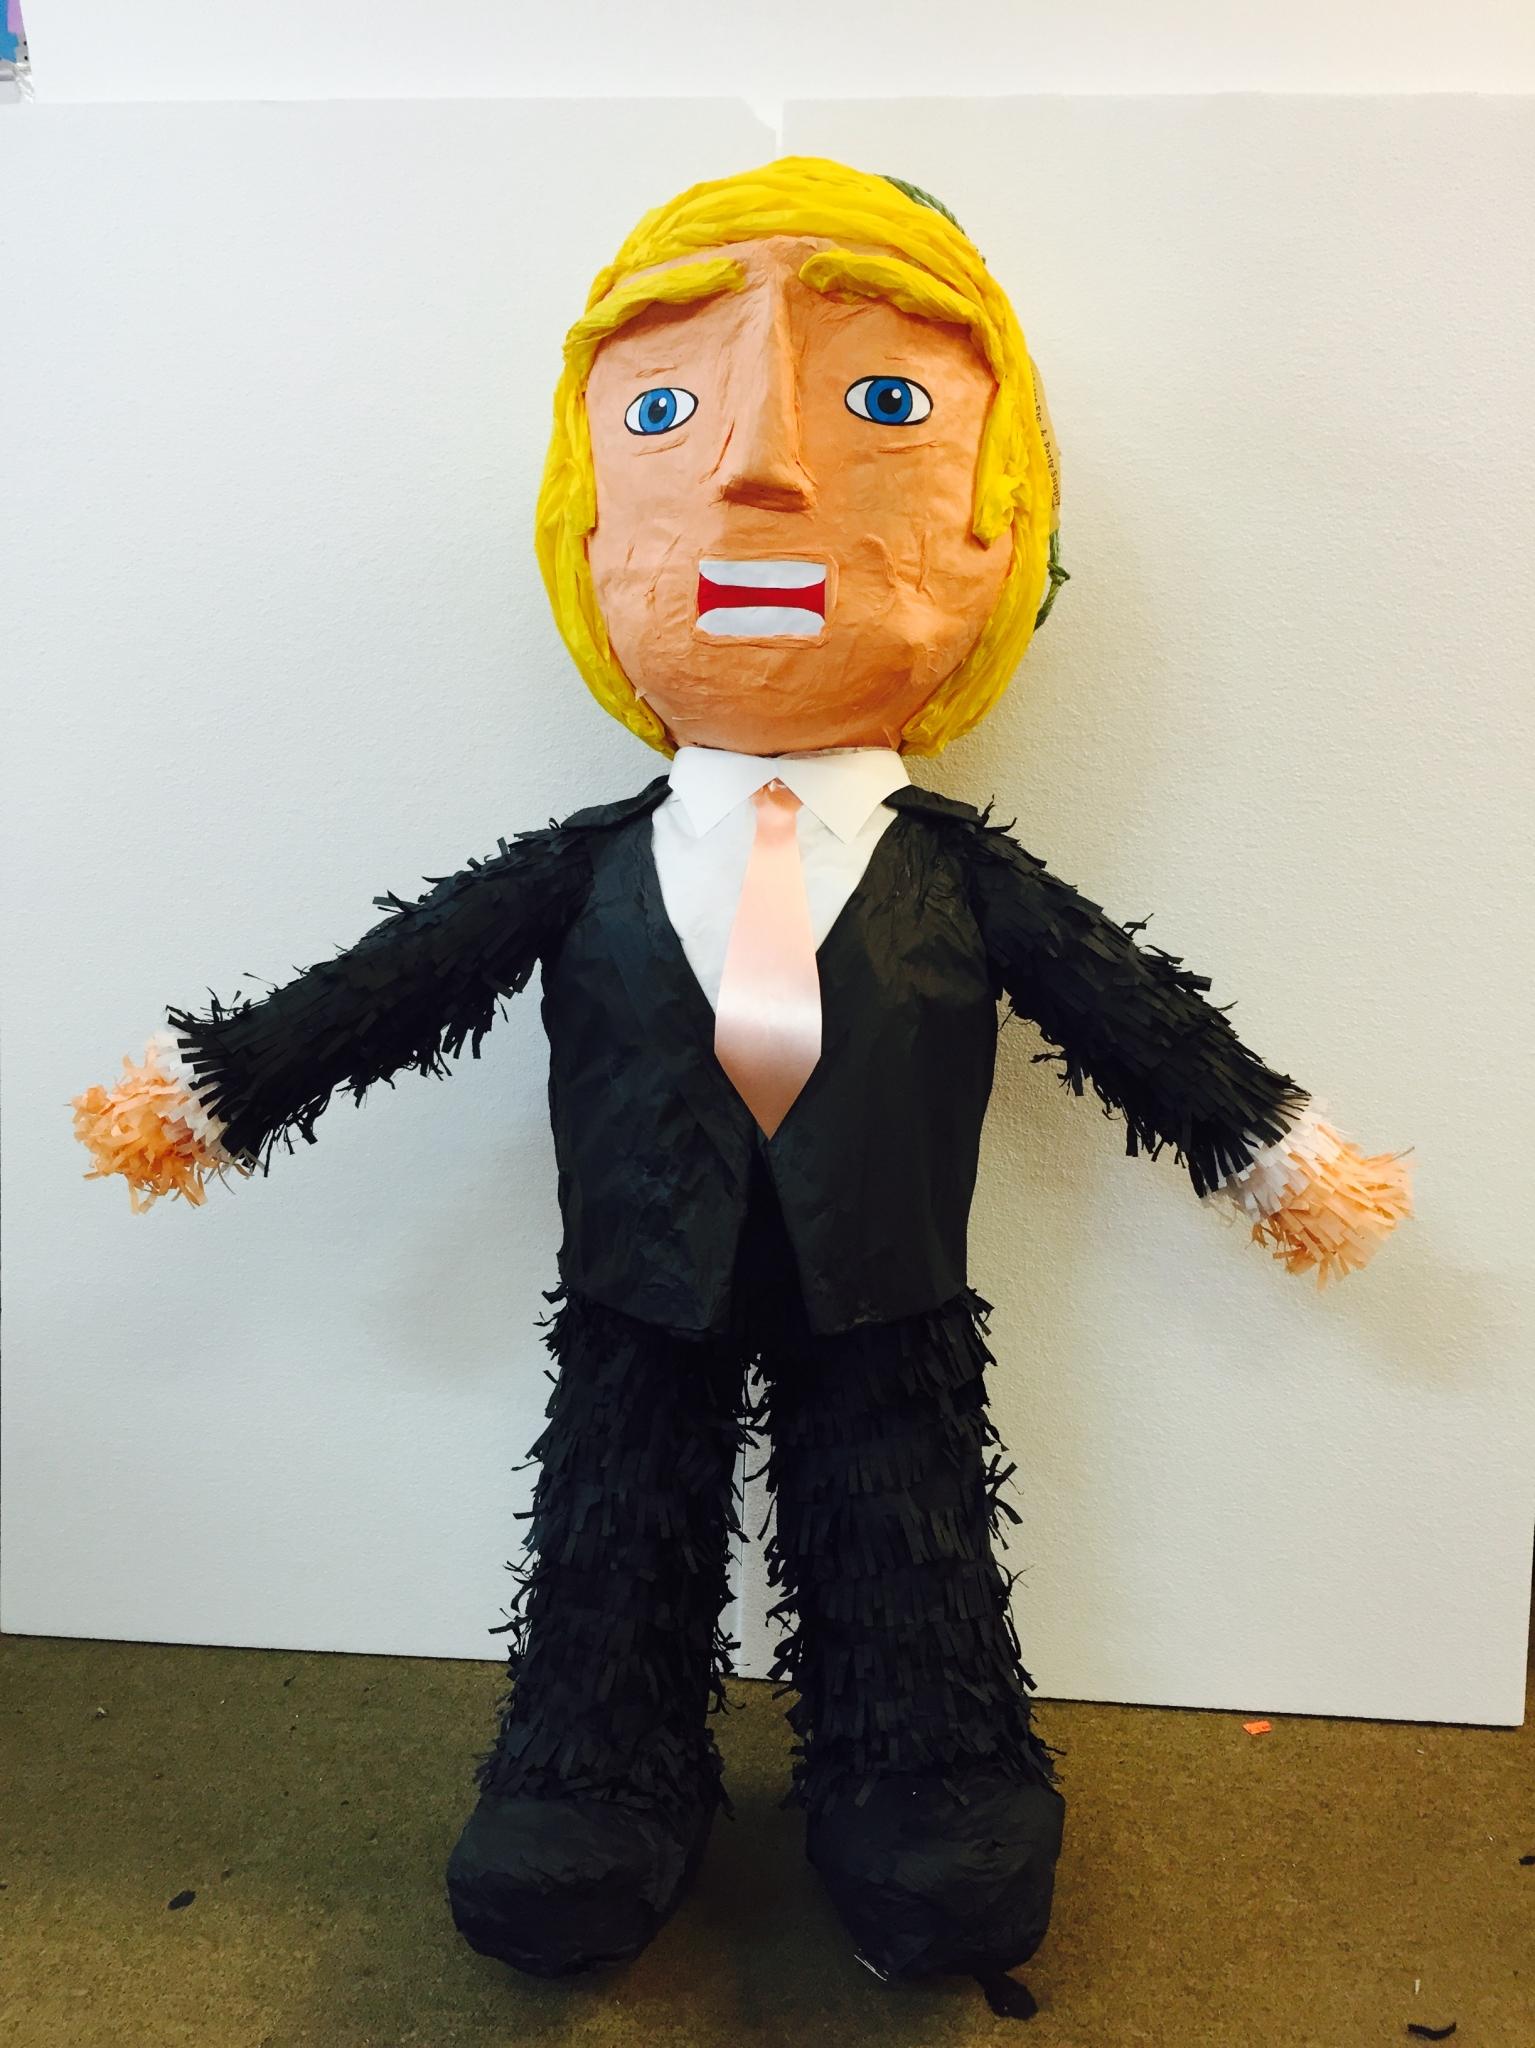 Donald Trump piñatas hit Houston market - Houston Chronicle